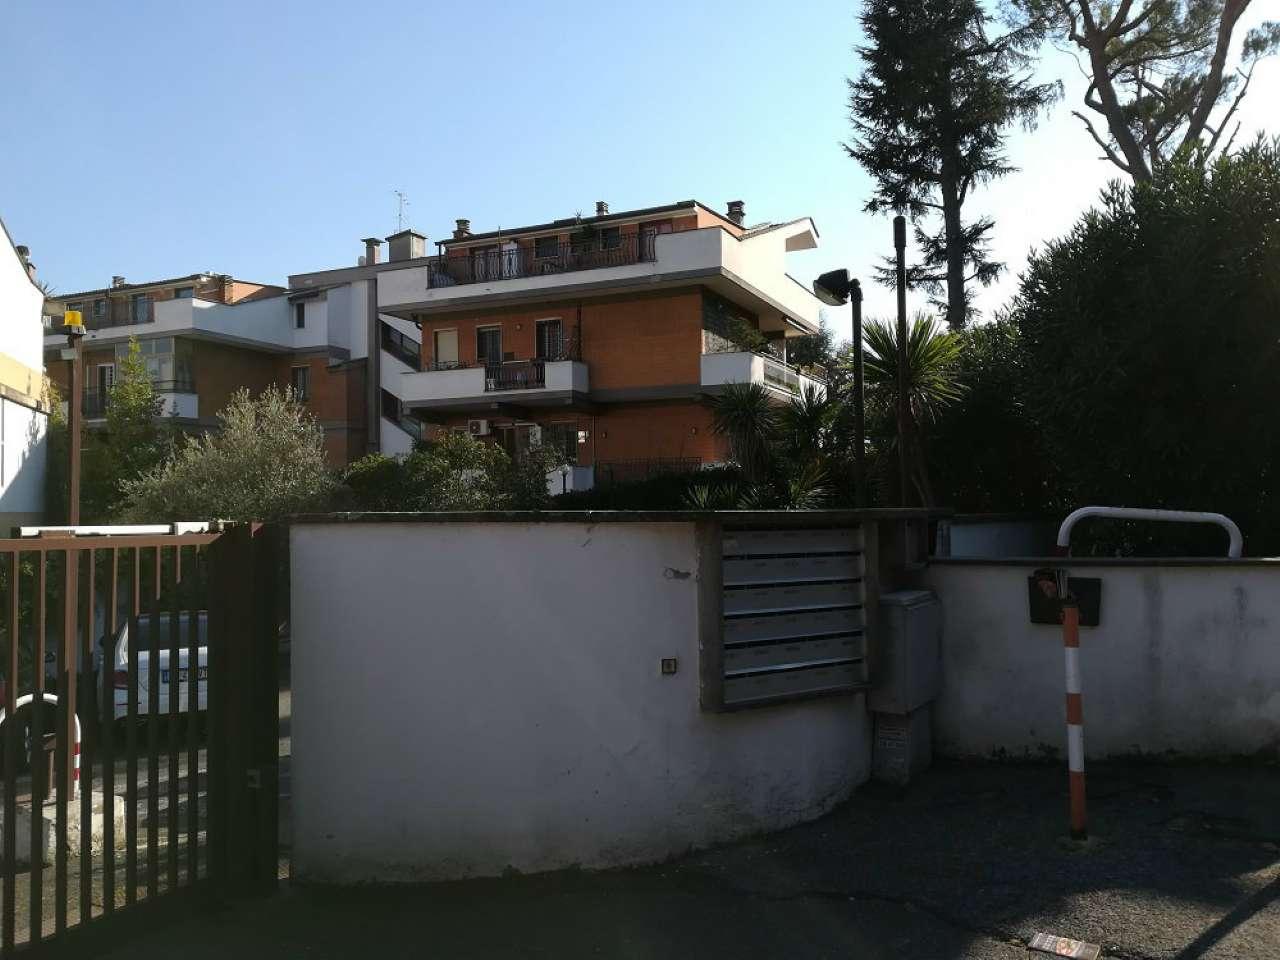 Attico / Mansarda in vendita a Roma, 3 locali, zona Zona: 42 . Cassia - Olgiata, prezzo € 320.000 | CambioCasa.it